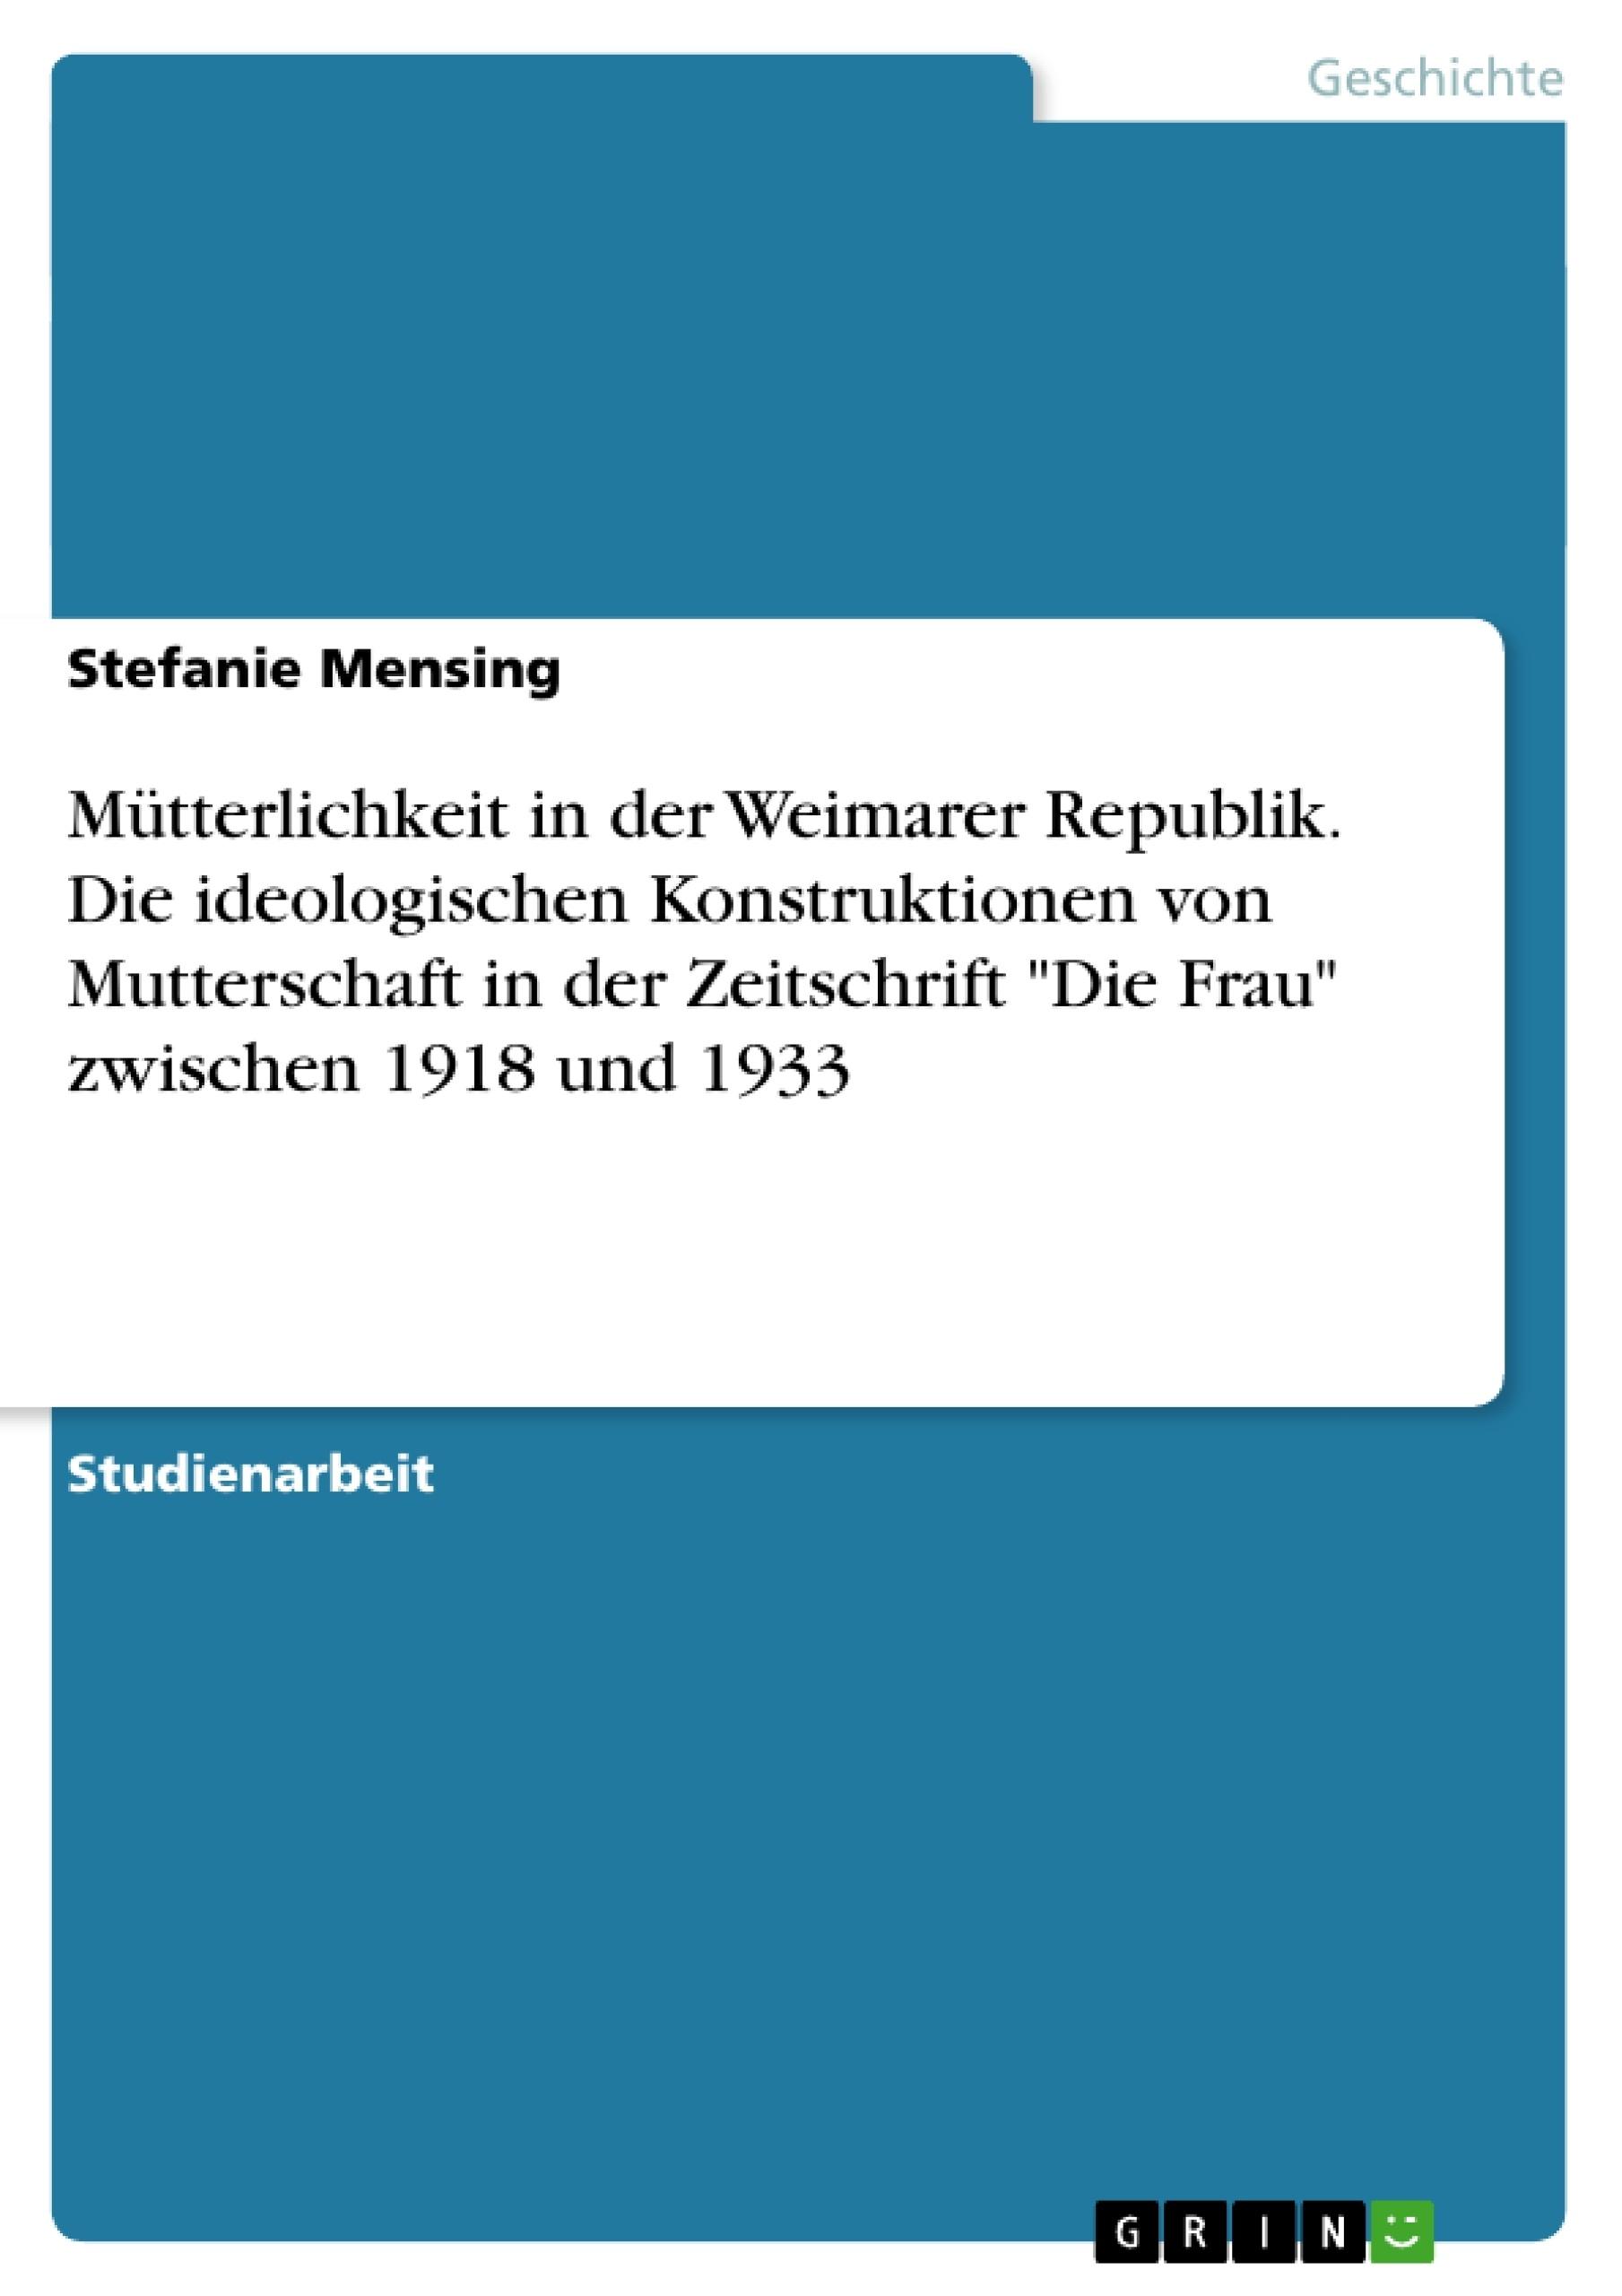 """Titel: Mütterlichkeit in der Weimarer Republik. Die ideologischen Konstruktionen von Mutterschaft in der Zeitschrift """"Die Frau"""" zwischen 1918 und 1933"""